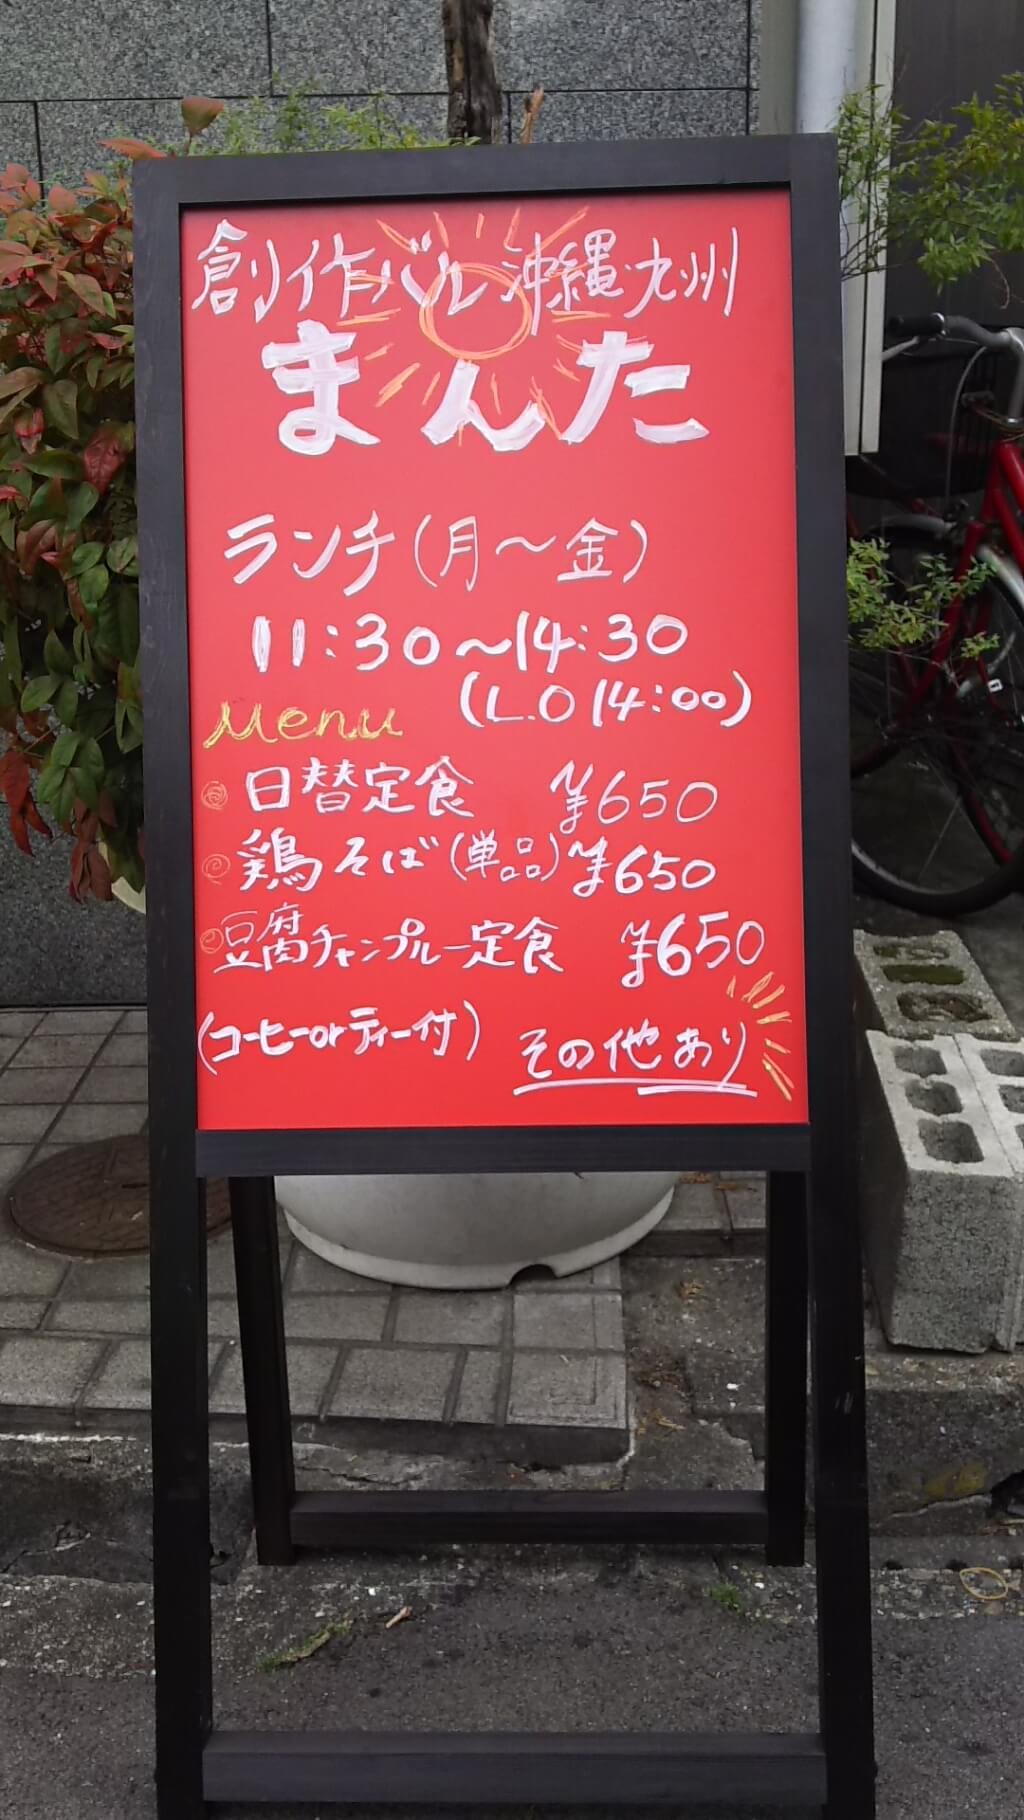 創作バル 沖縄 九州 まんた 赤い看板 ランチ